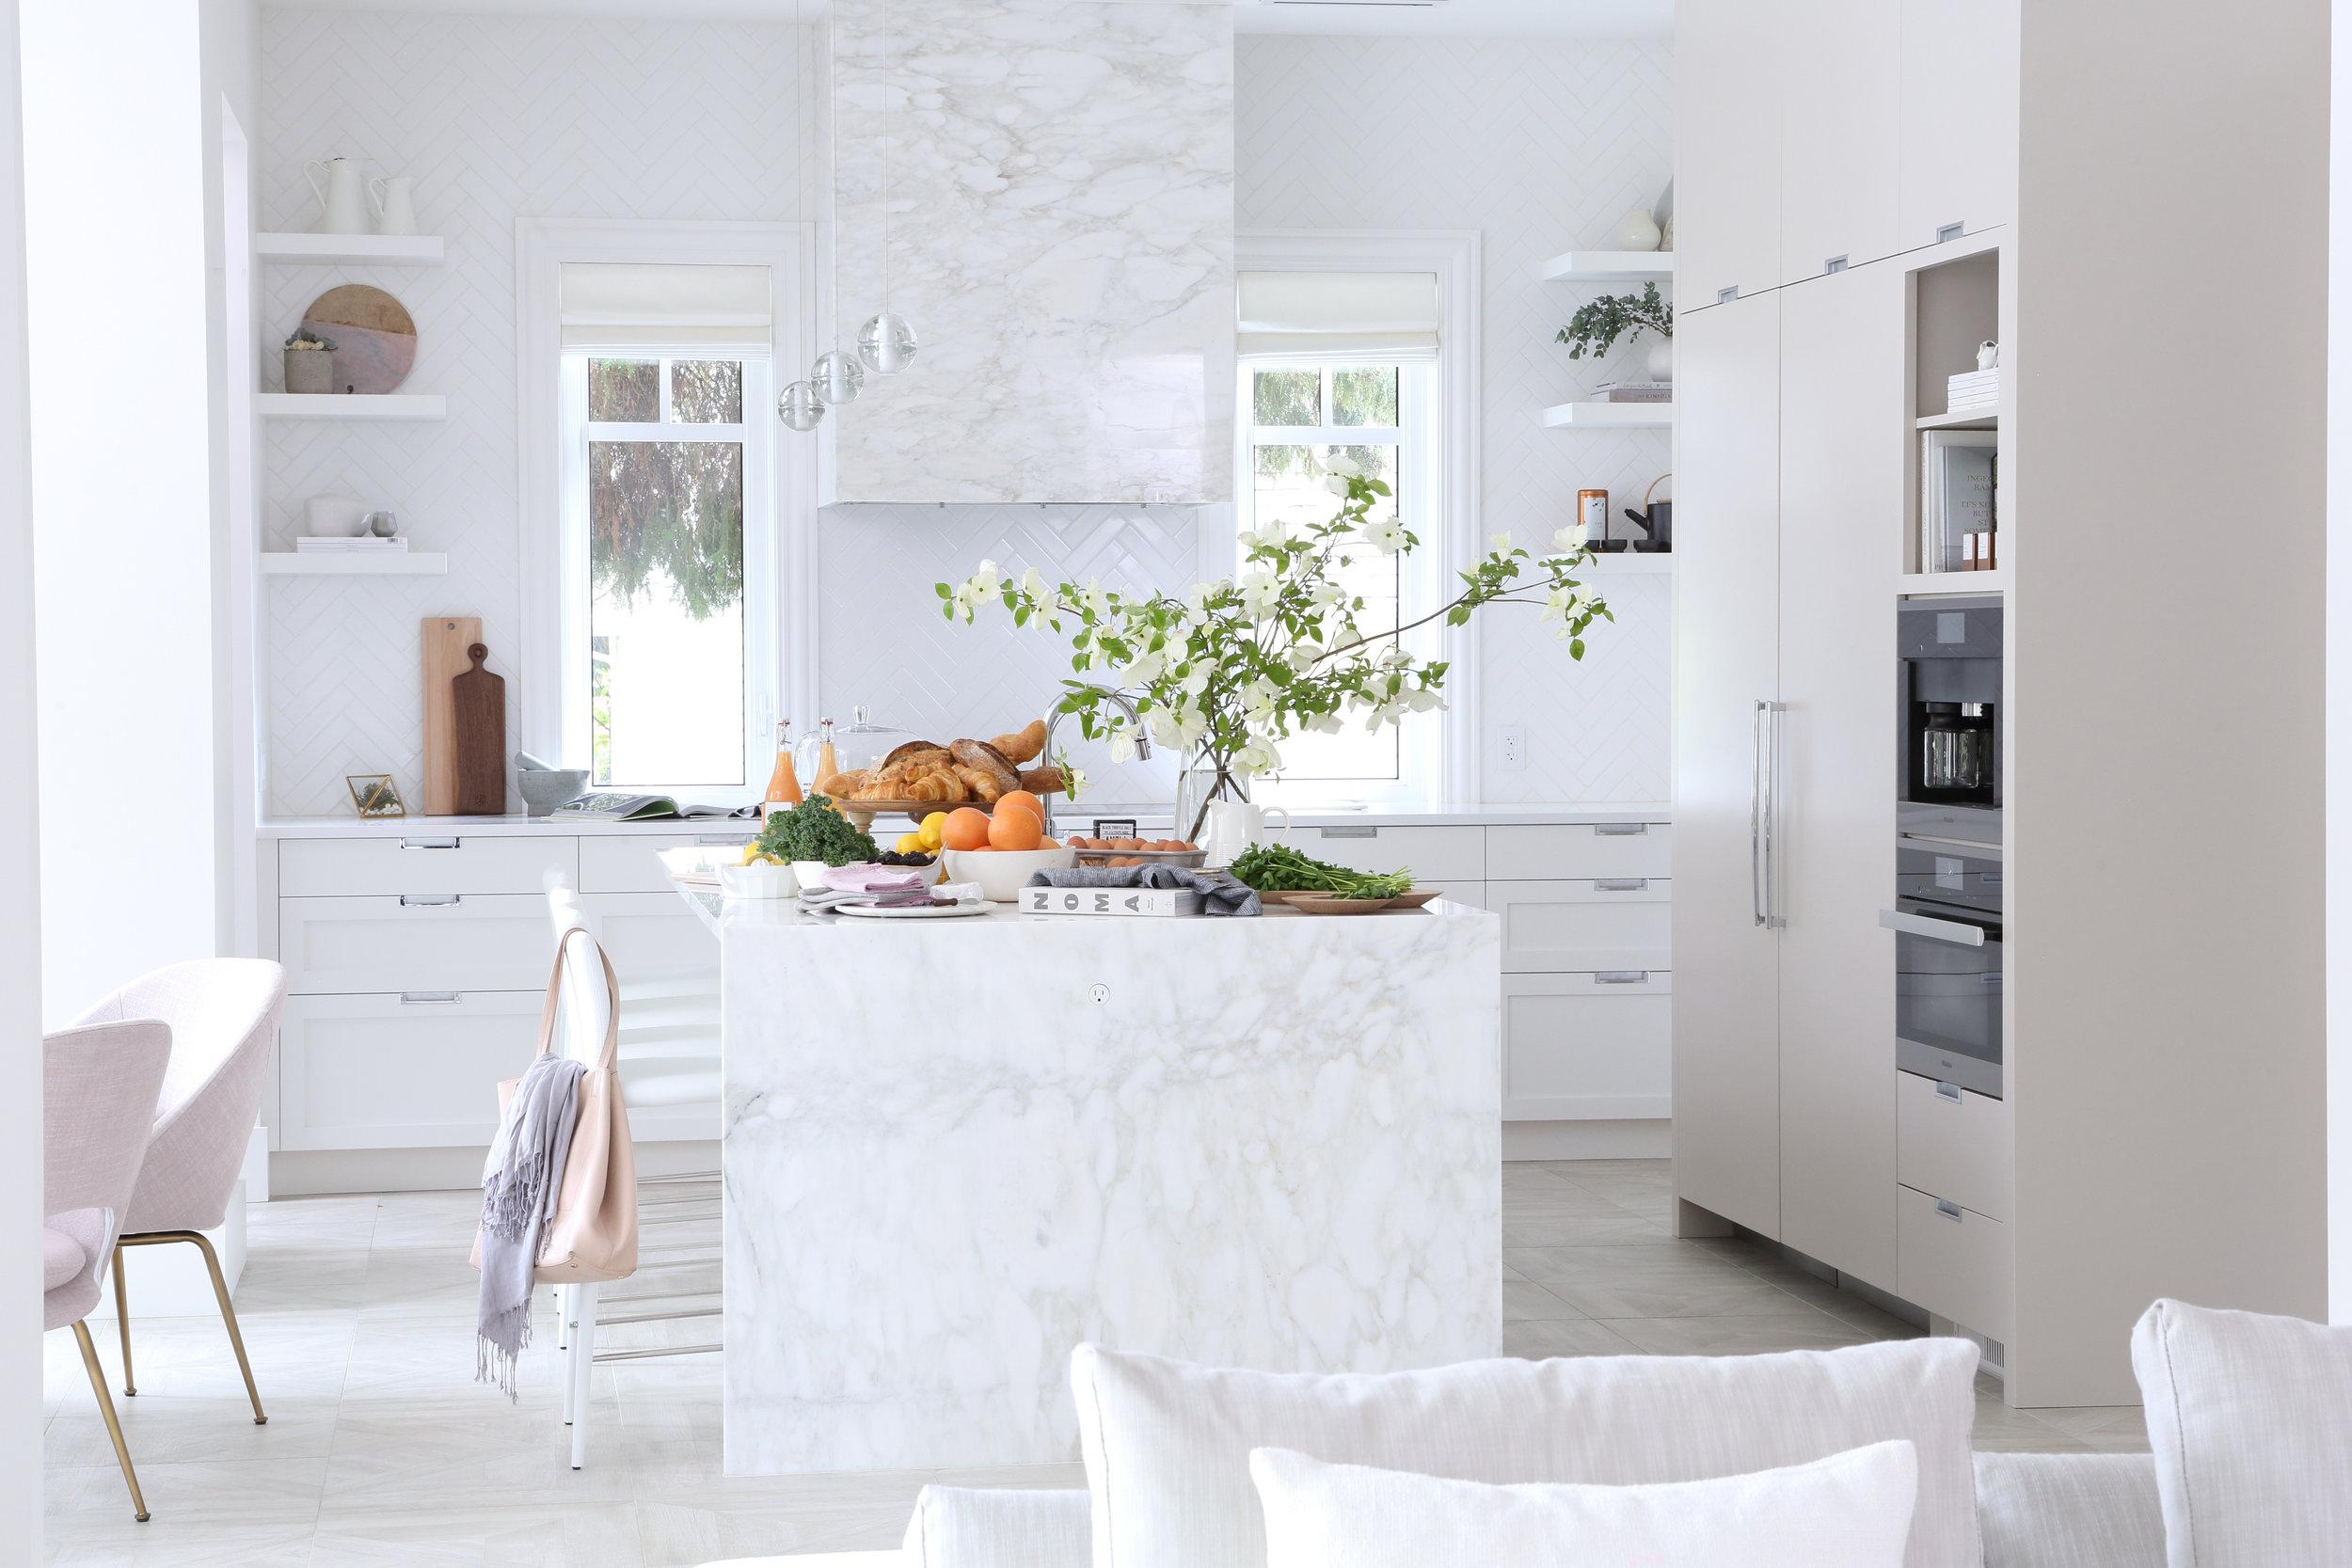 kitchen edit.jpg